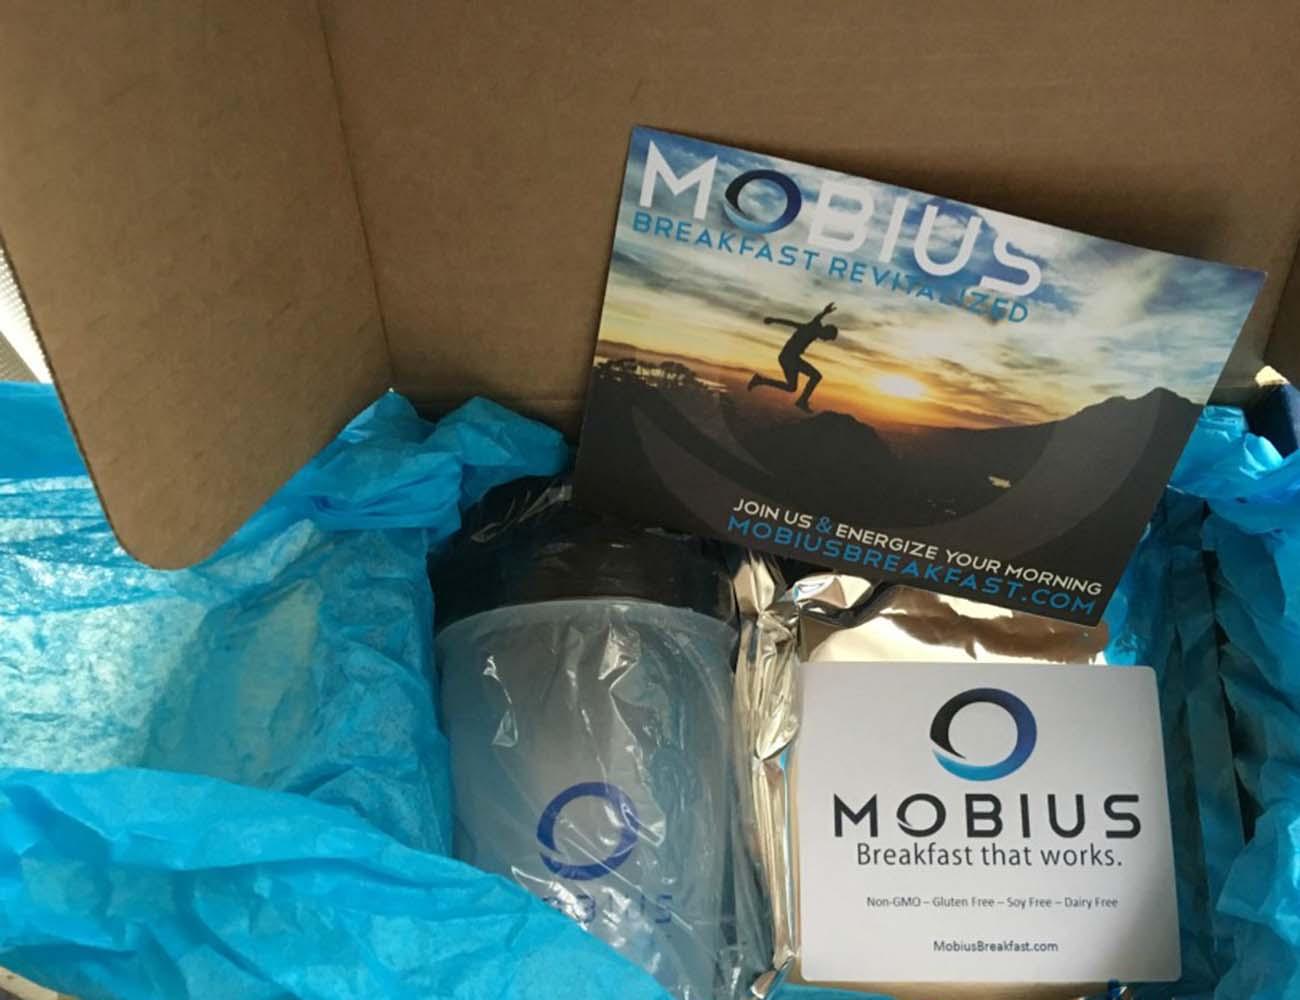 Mobius Breakfast That Works